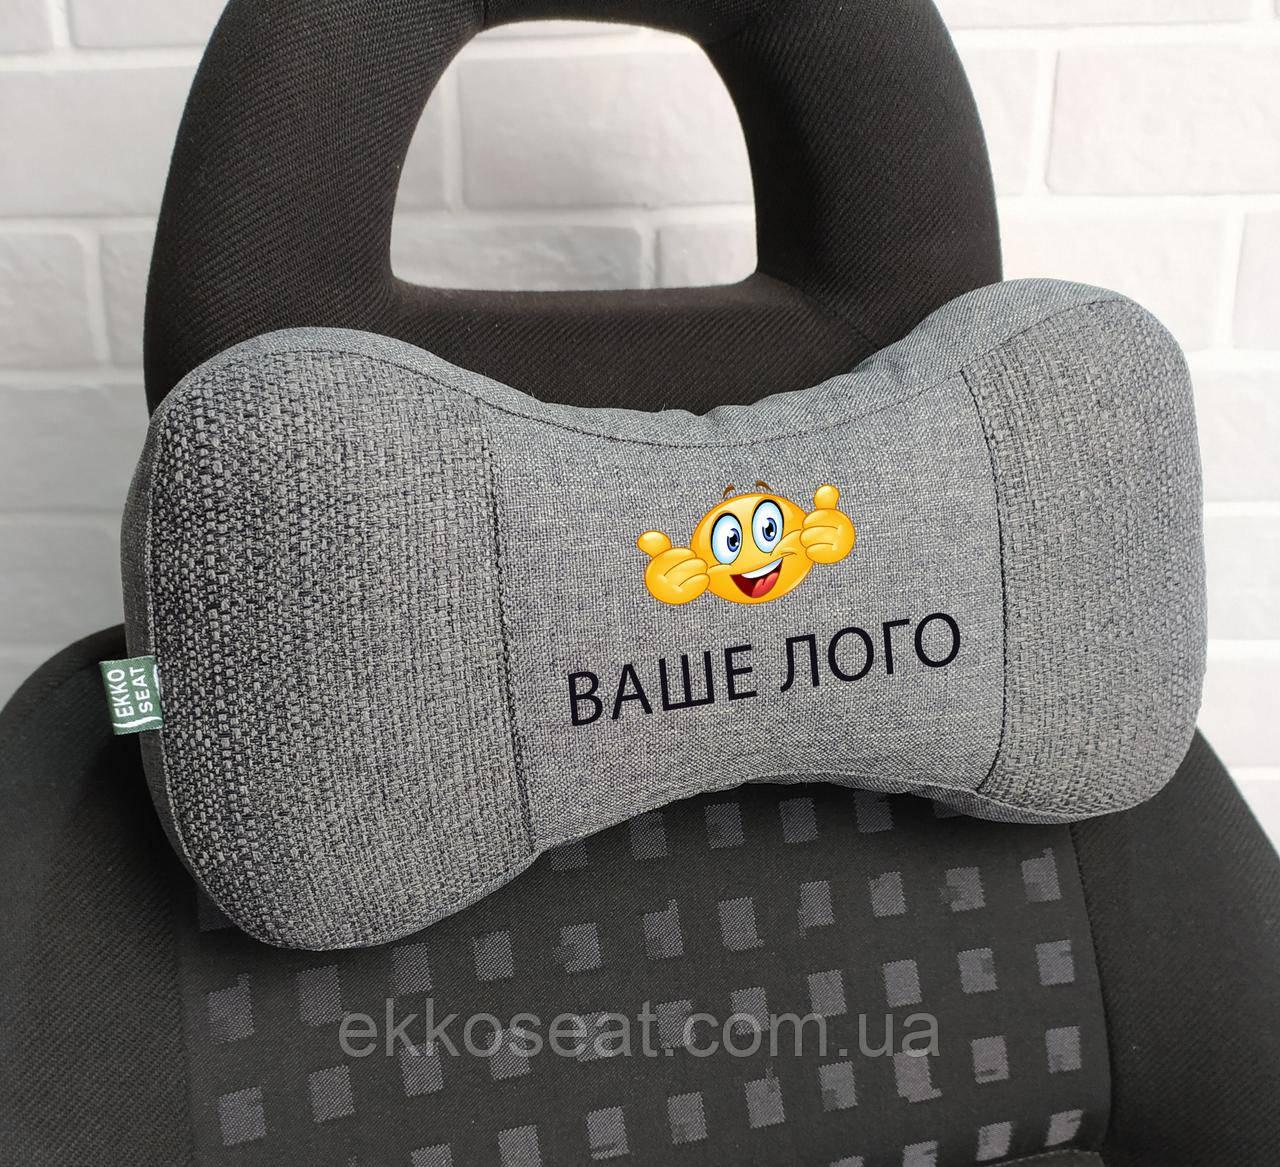 Автомобільні подушки з логотипом під замовлення. На підголівник. EKKOSEAT. Опт. Чорна, сіра, бежева ...будь-яка.